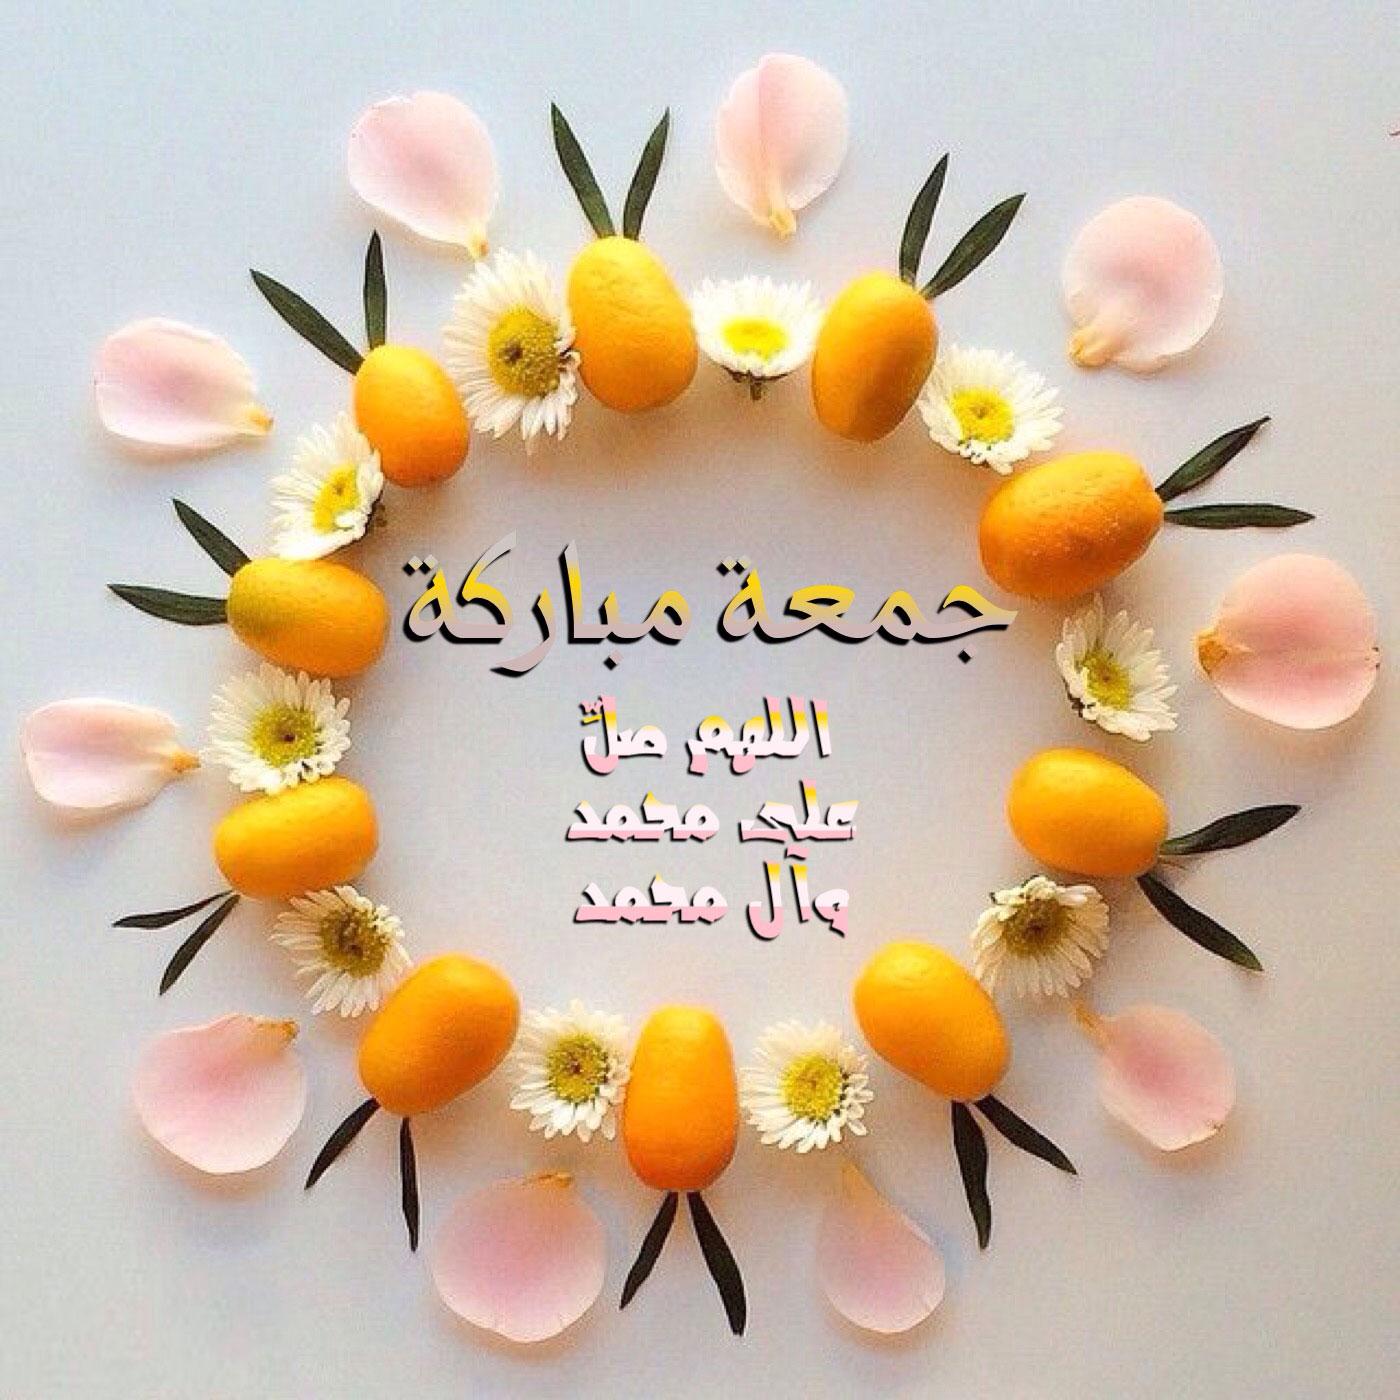 بالصور صباح الجمعه , كلمات جميله عن الجمعه المباركه 3901 3